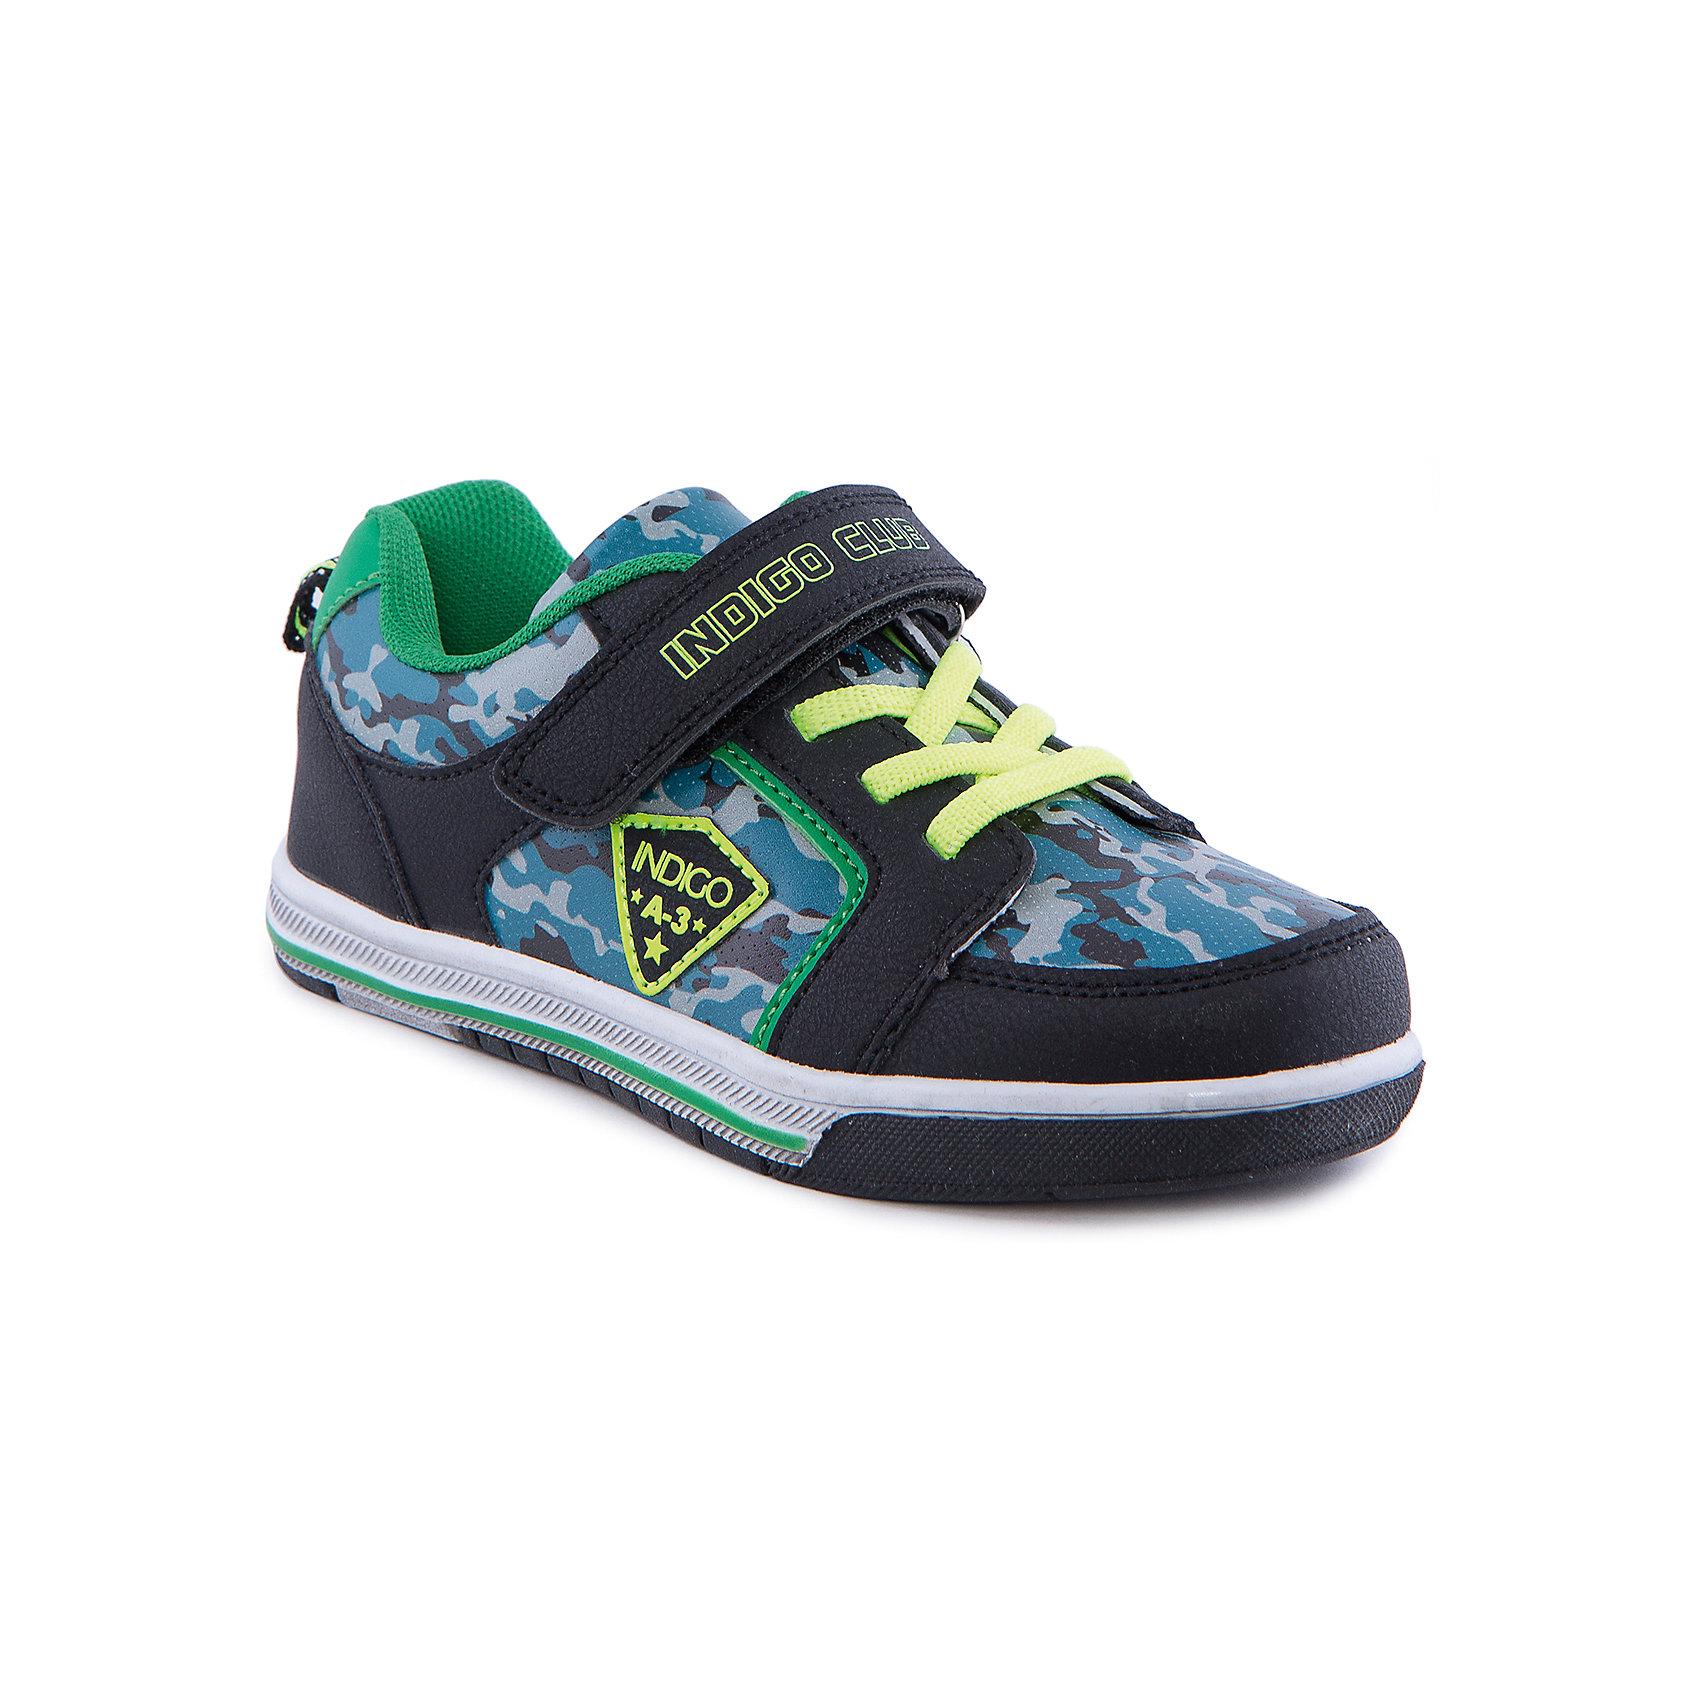 Indigo kids Кроссовки для мальчика Indigo kids indigo kids обувь официальный сайт